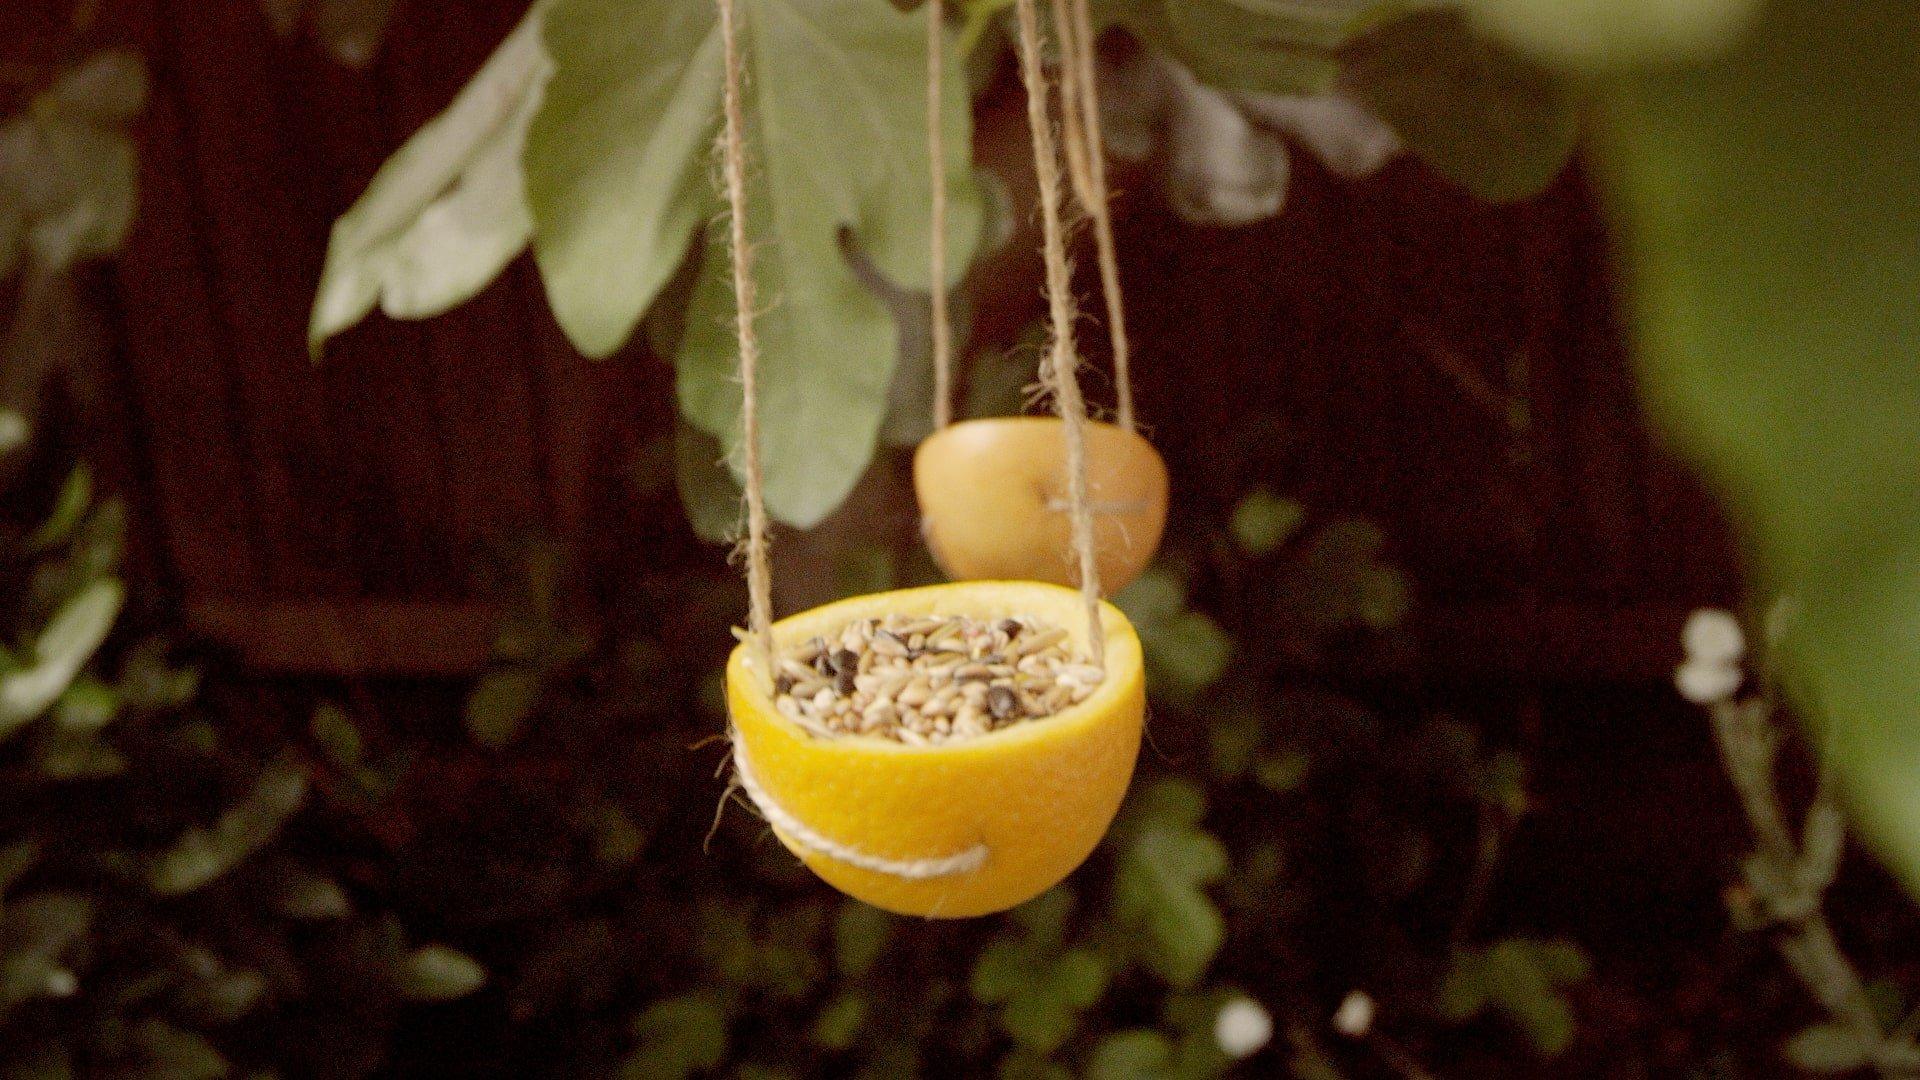 How To Make a Citrus Bird Feeder